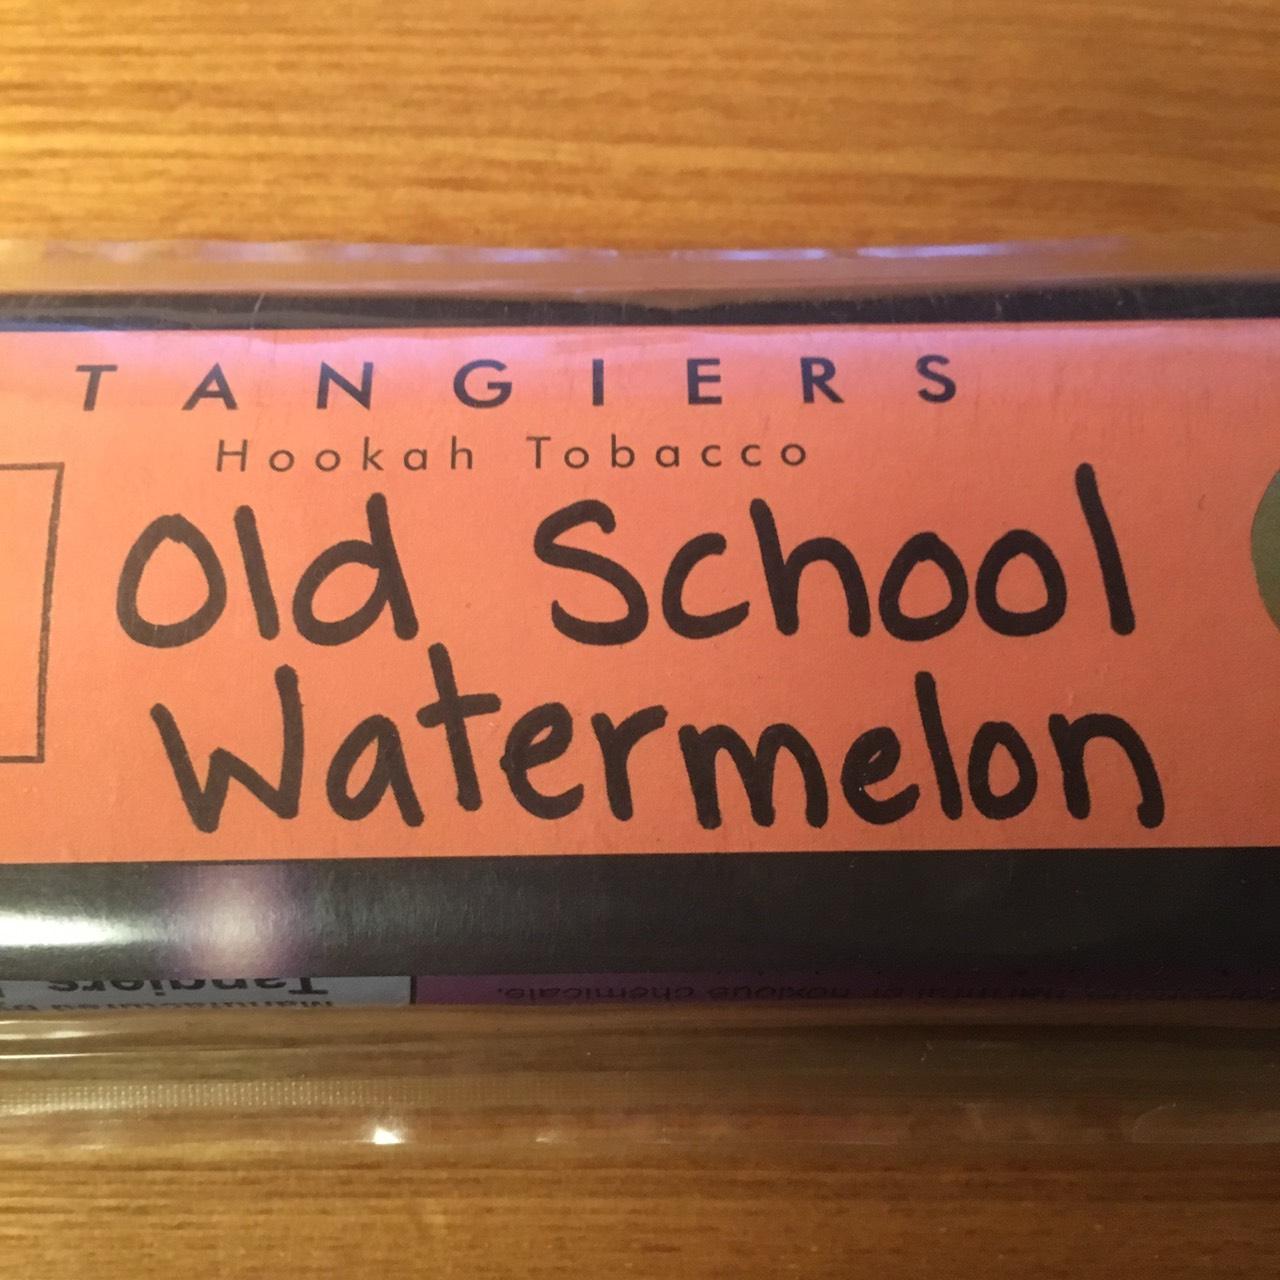 Tangiers Noir / Old School Watermelon(スカスカした甘さのあるクラシックなWatermelon系、やや甘め)